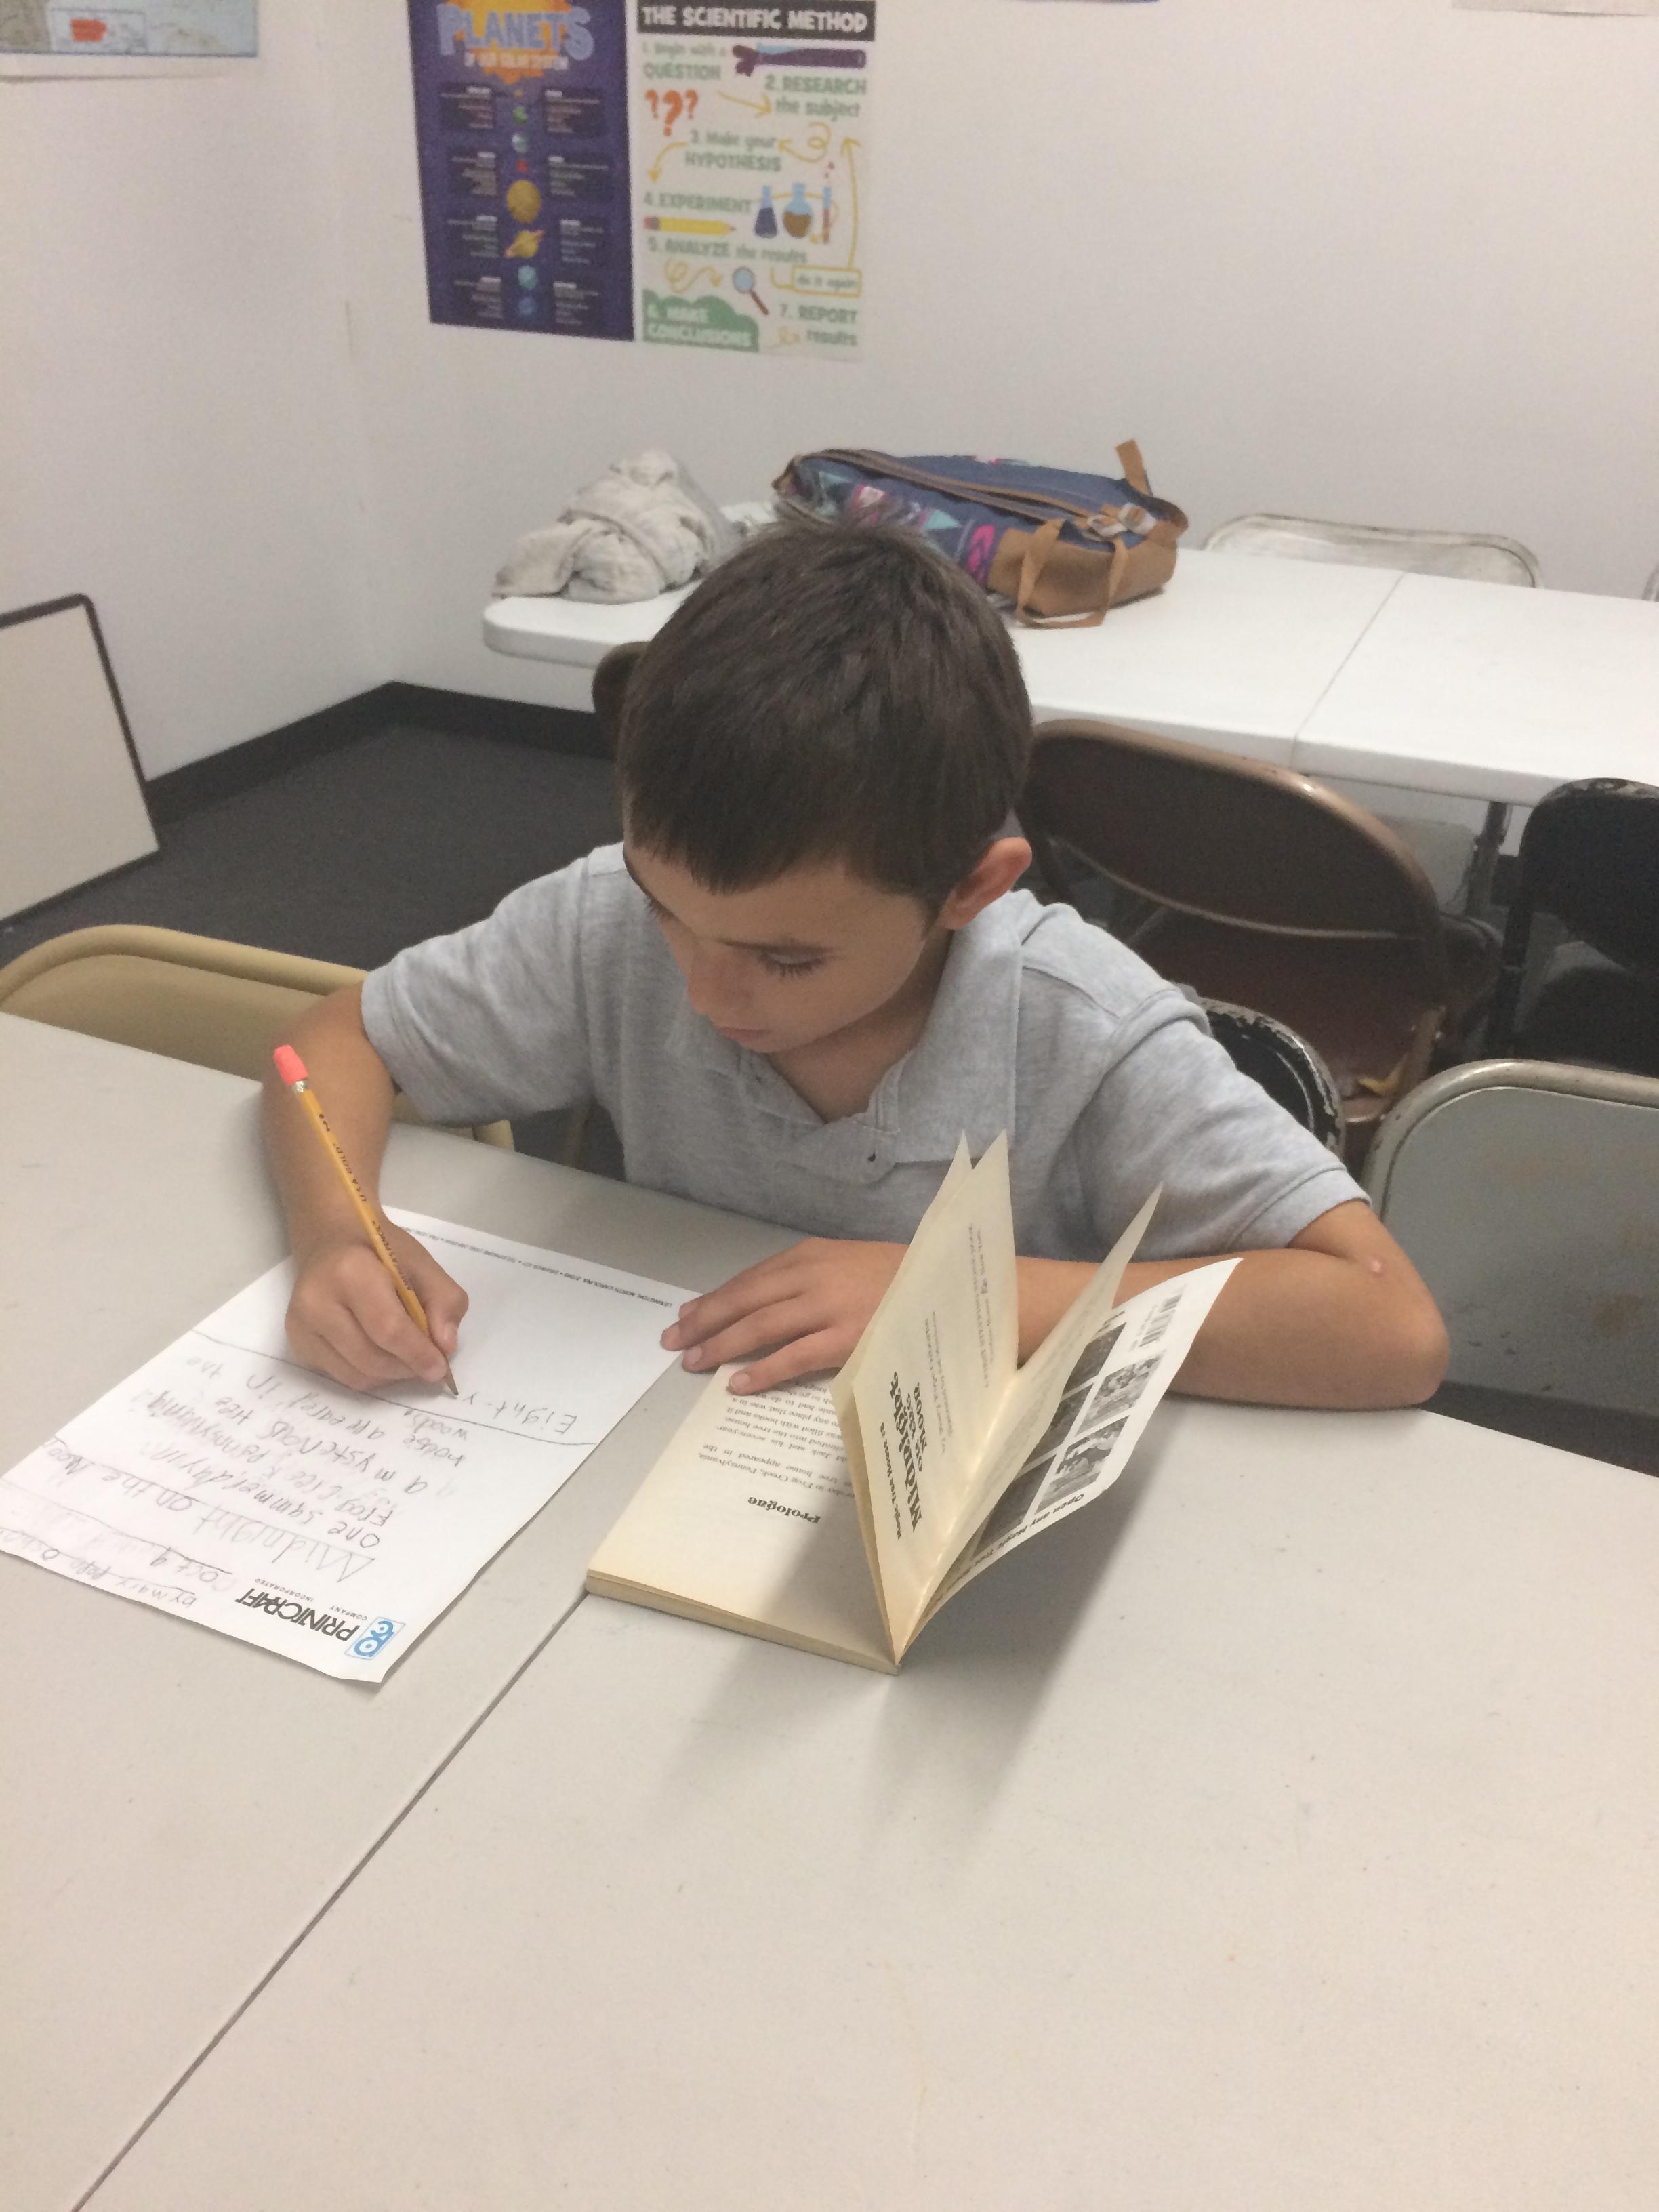 Brock Phillips working on his homework